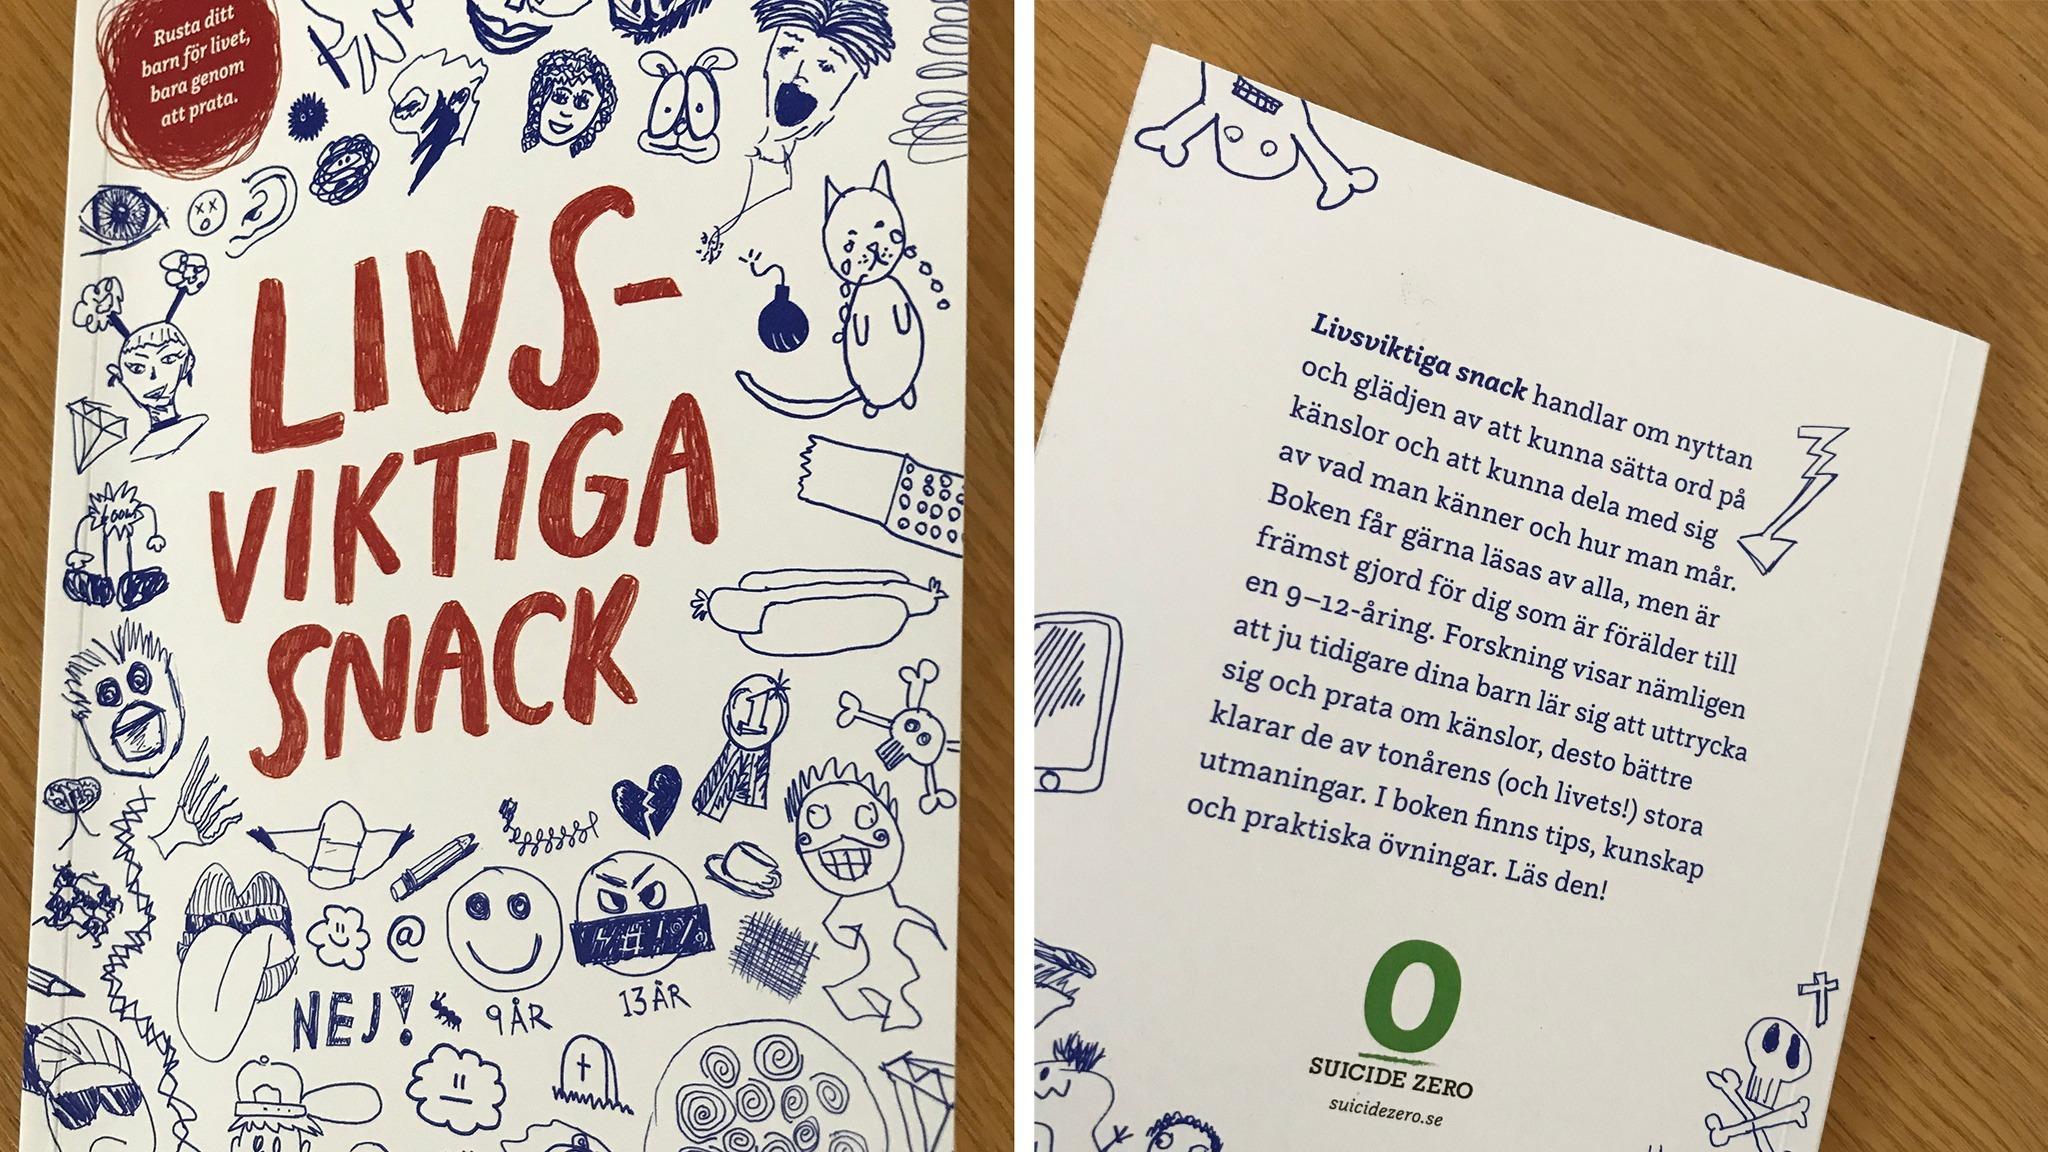 Omslag och baksida av Boken livsviktiga snack. Titeln syns i röd handskriven text i vesaler. Runtom finns små tecknade bilder av figurer och föremål som är viktiga i livet för en 9-12-åring.